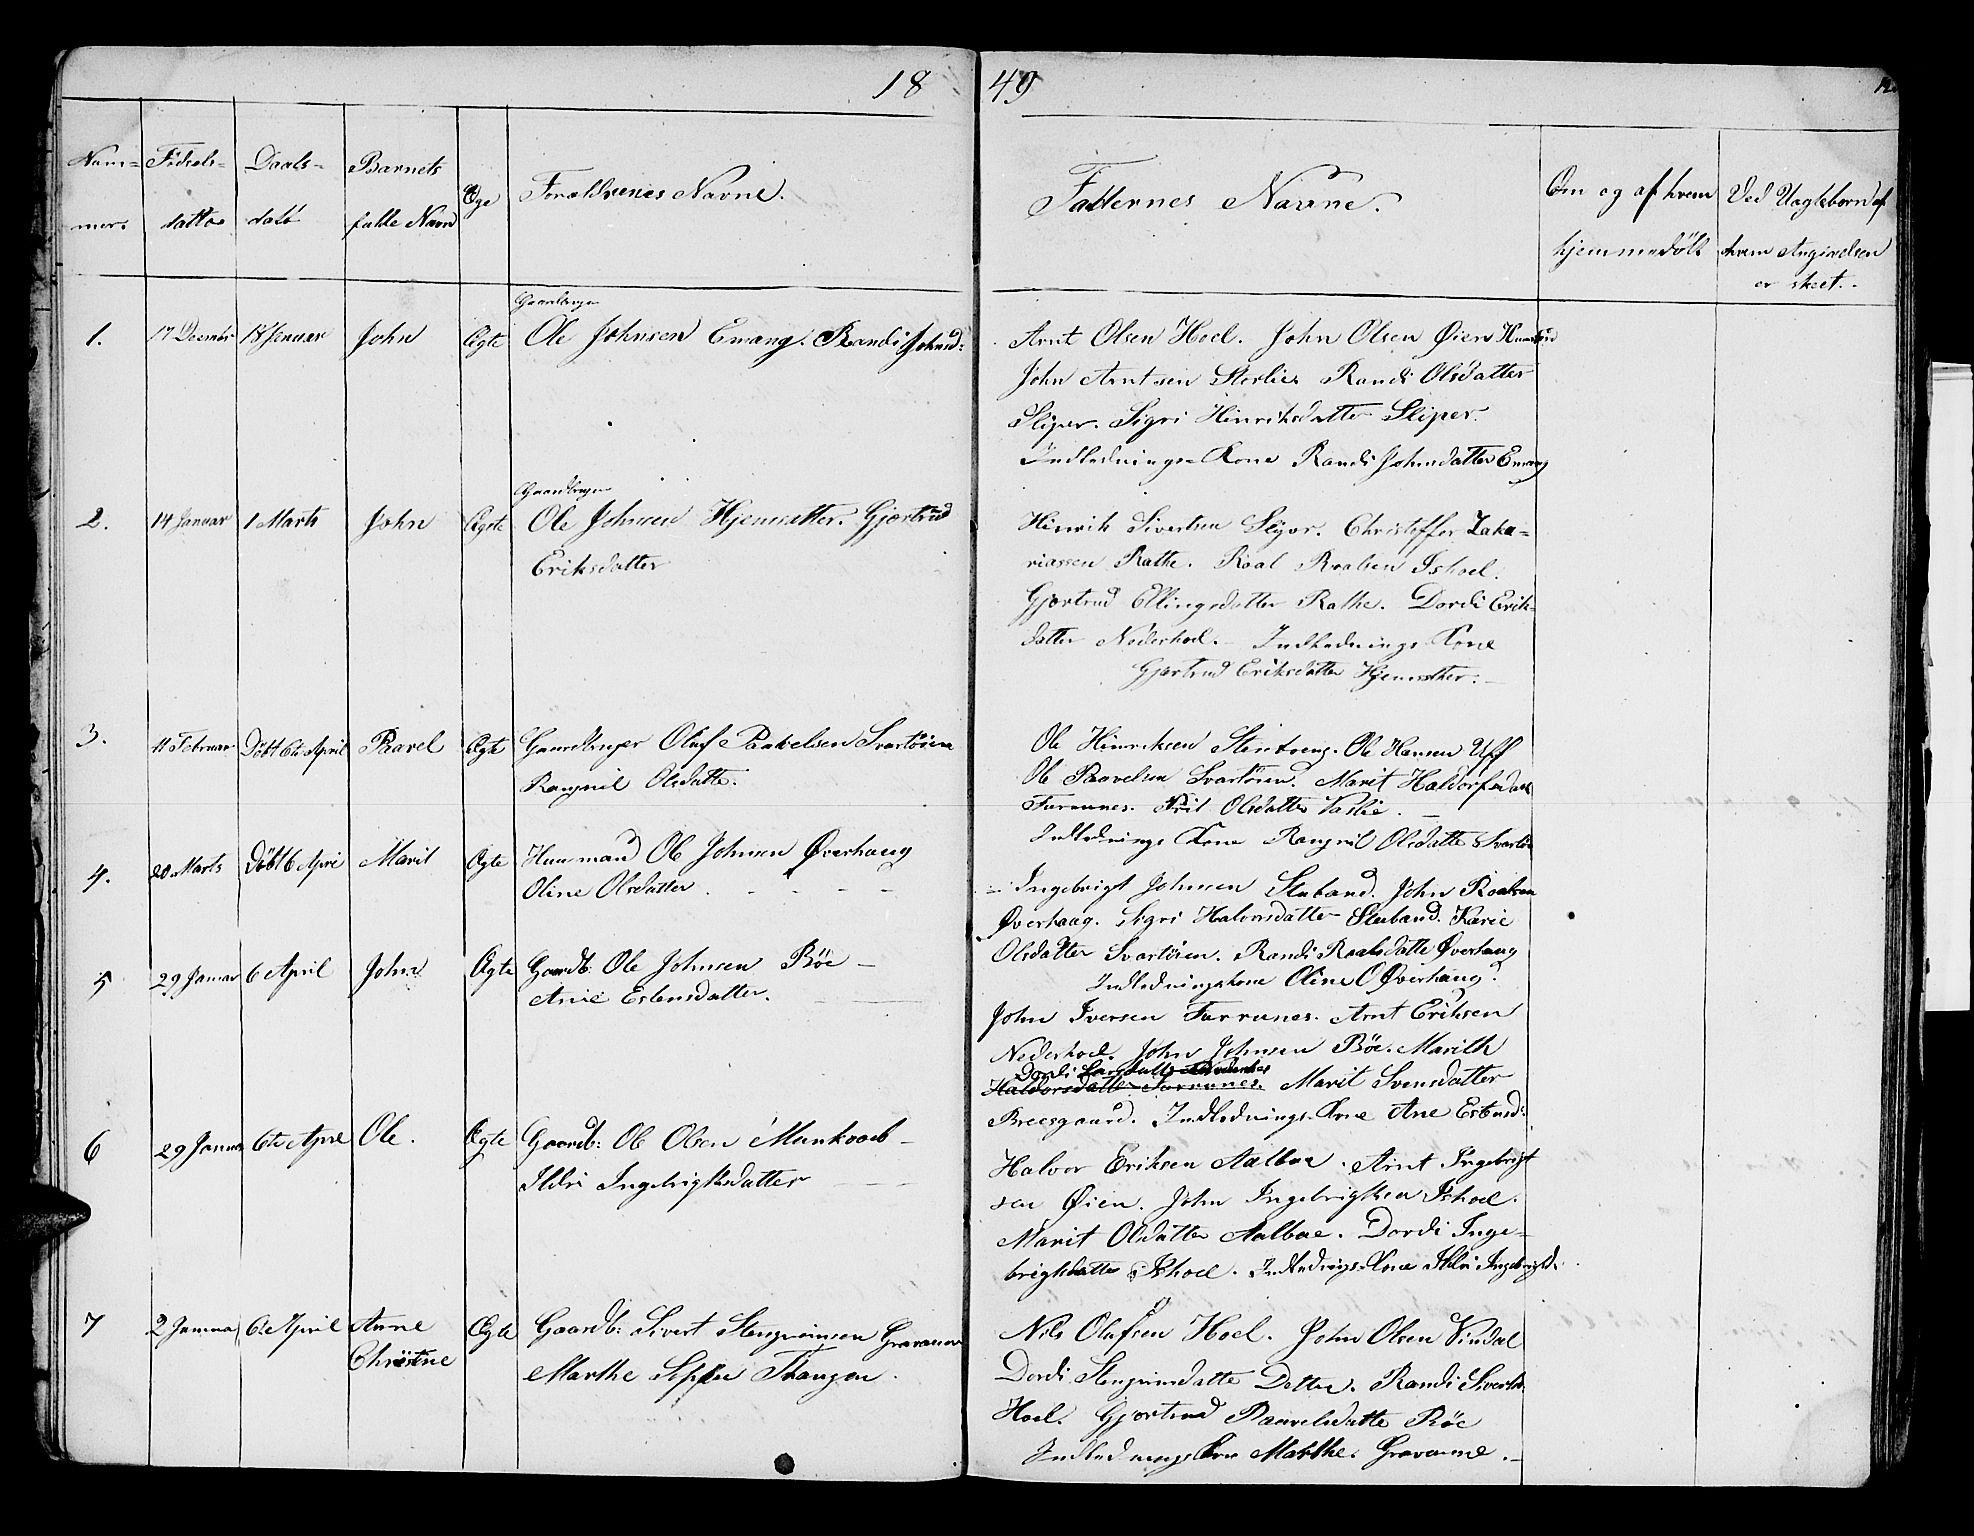 SAT, Ministerialprotokoller, klokkerbøker og fødselsregistre - Sør-Trøndelag, 679/L0922: Klokkerbok nr. 679C02, 1845-1851, s. 12